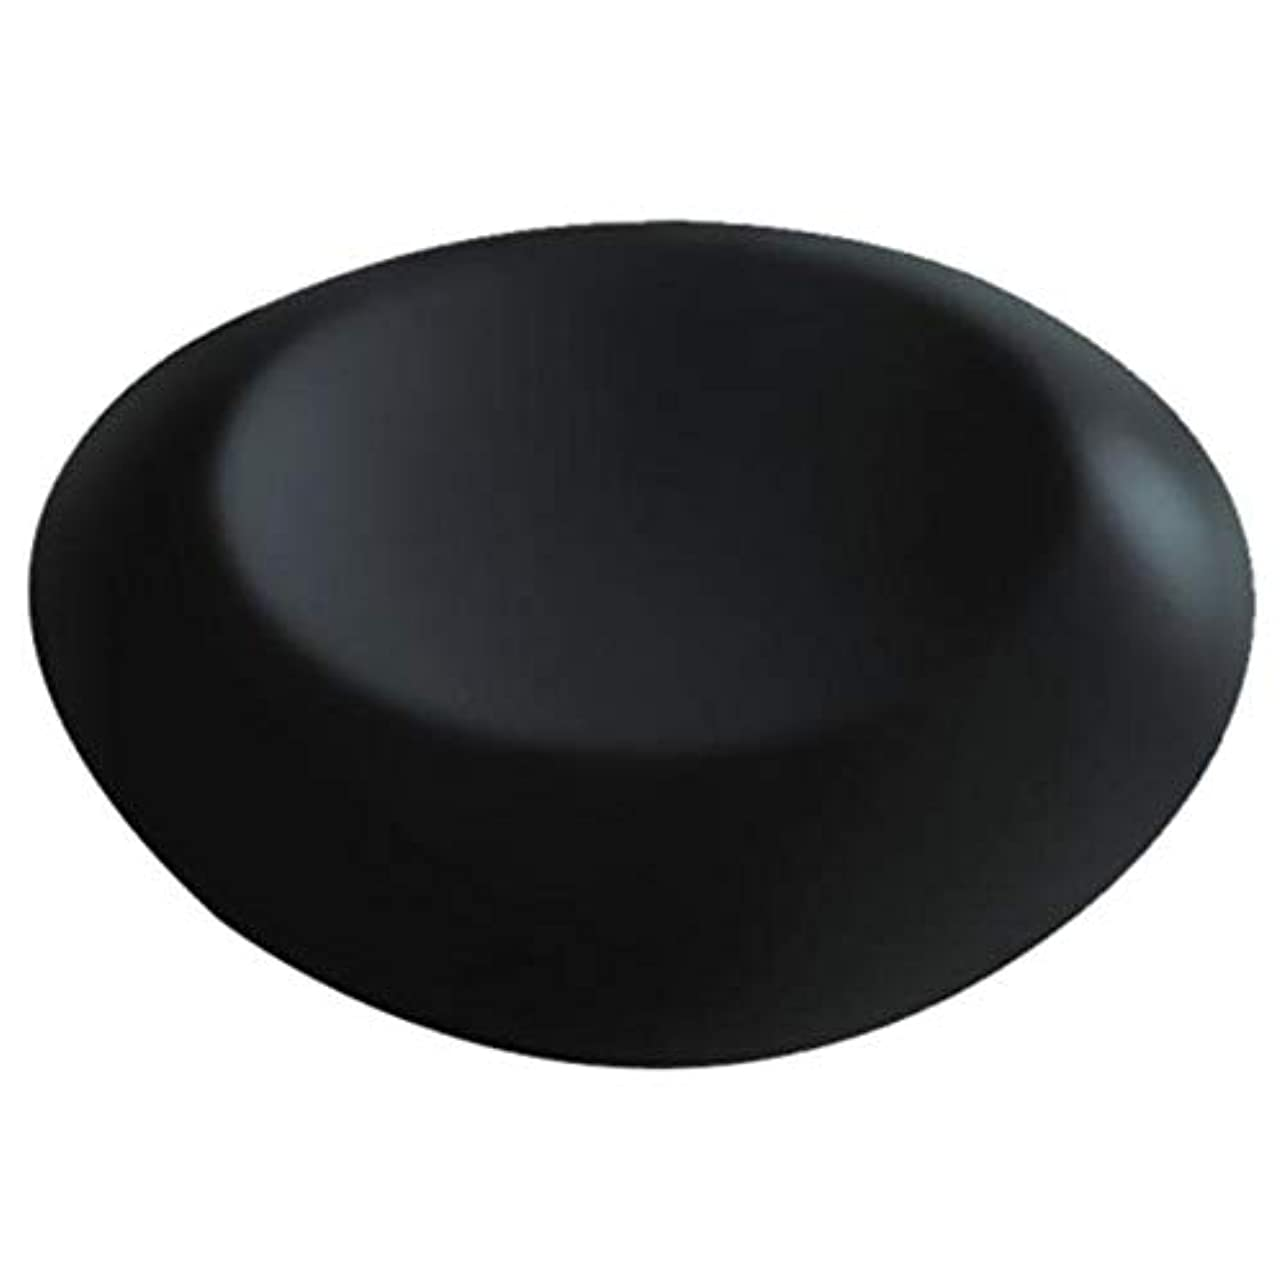 ファイナンス絶対に真珠のような滑り止めサクションカップ付きラウンドバスヘッドレストPUバスクッション人間工学に基づいたホームスパヘッドレスト